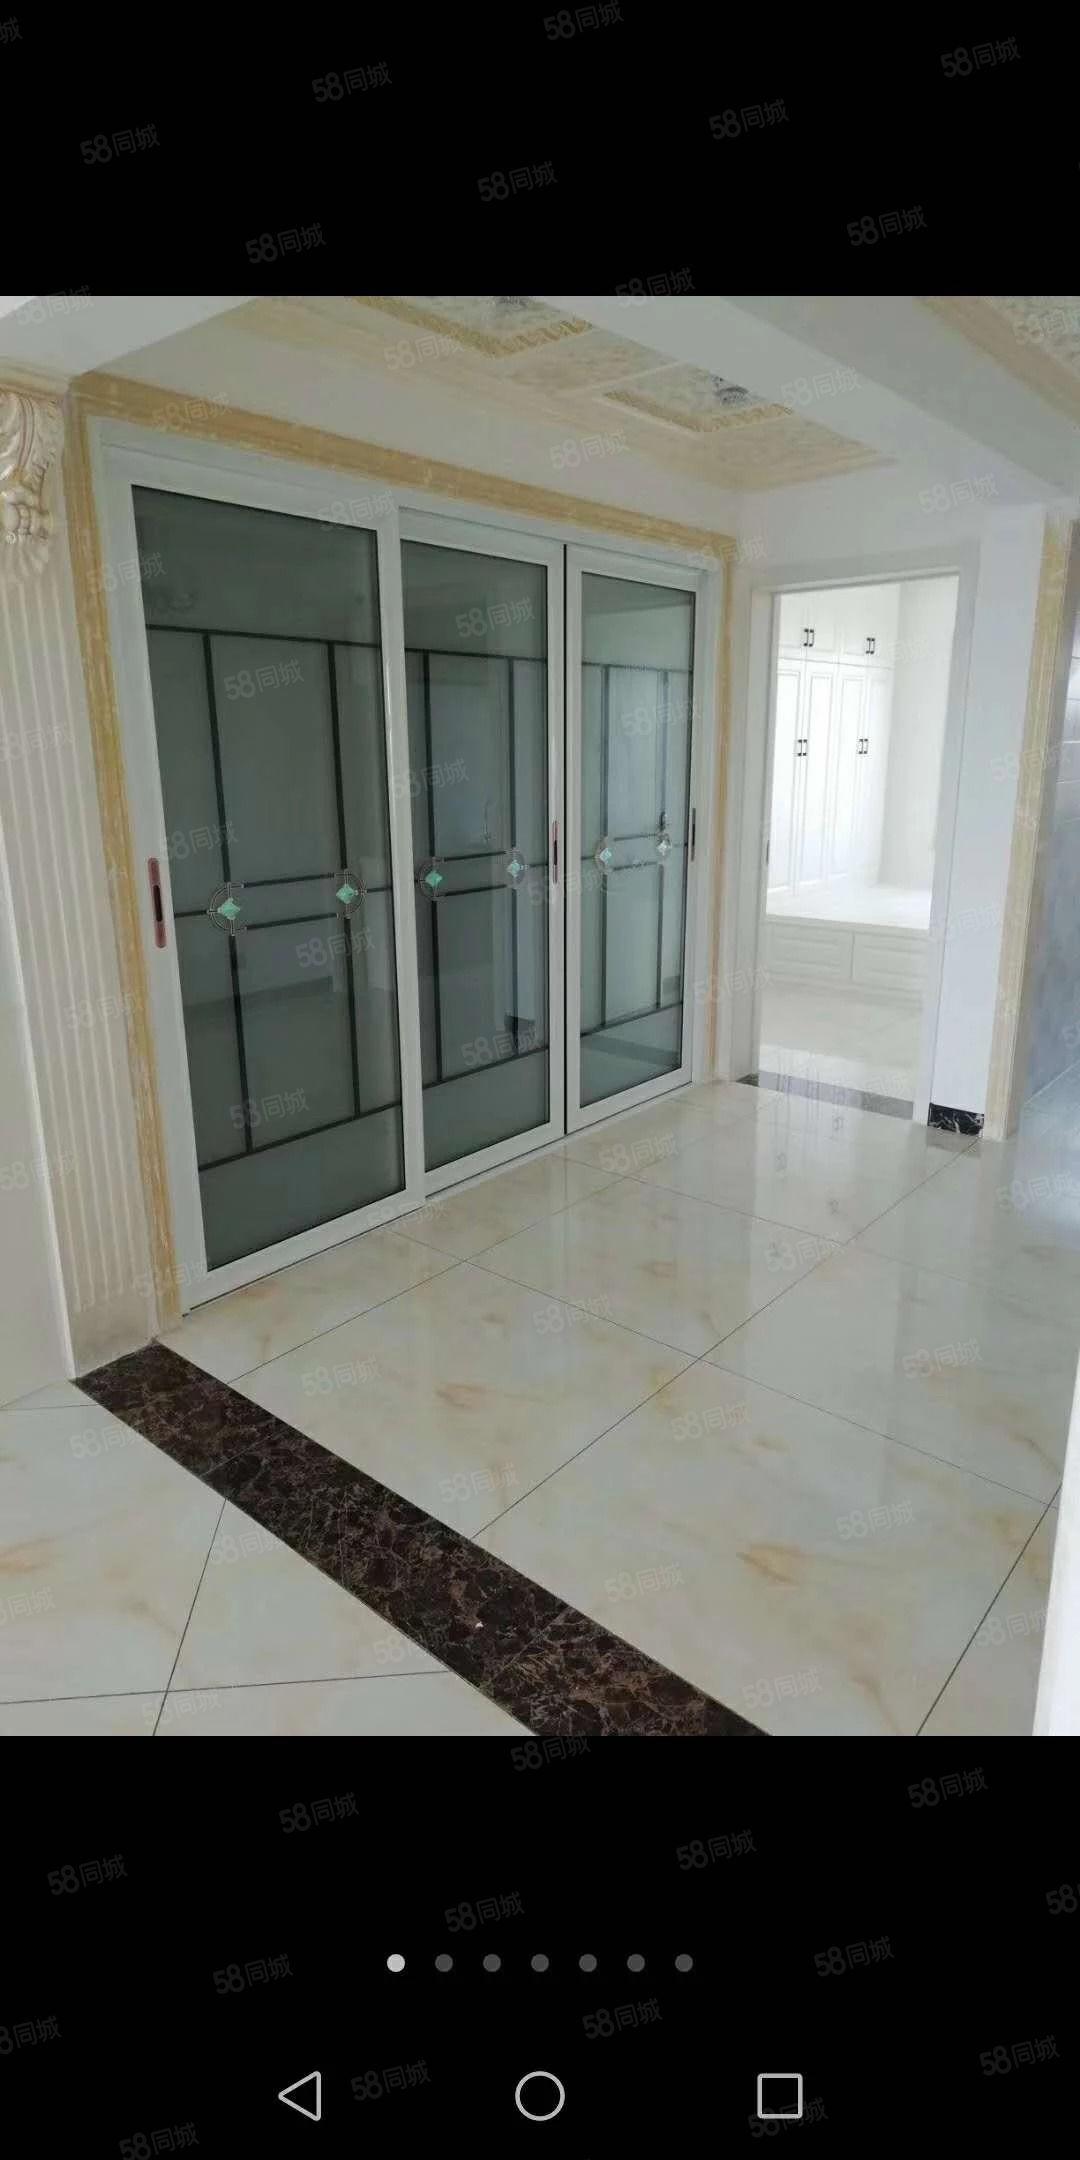 电梯新小区地热楼20层90平南北通透婚房首付19万